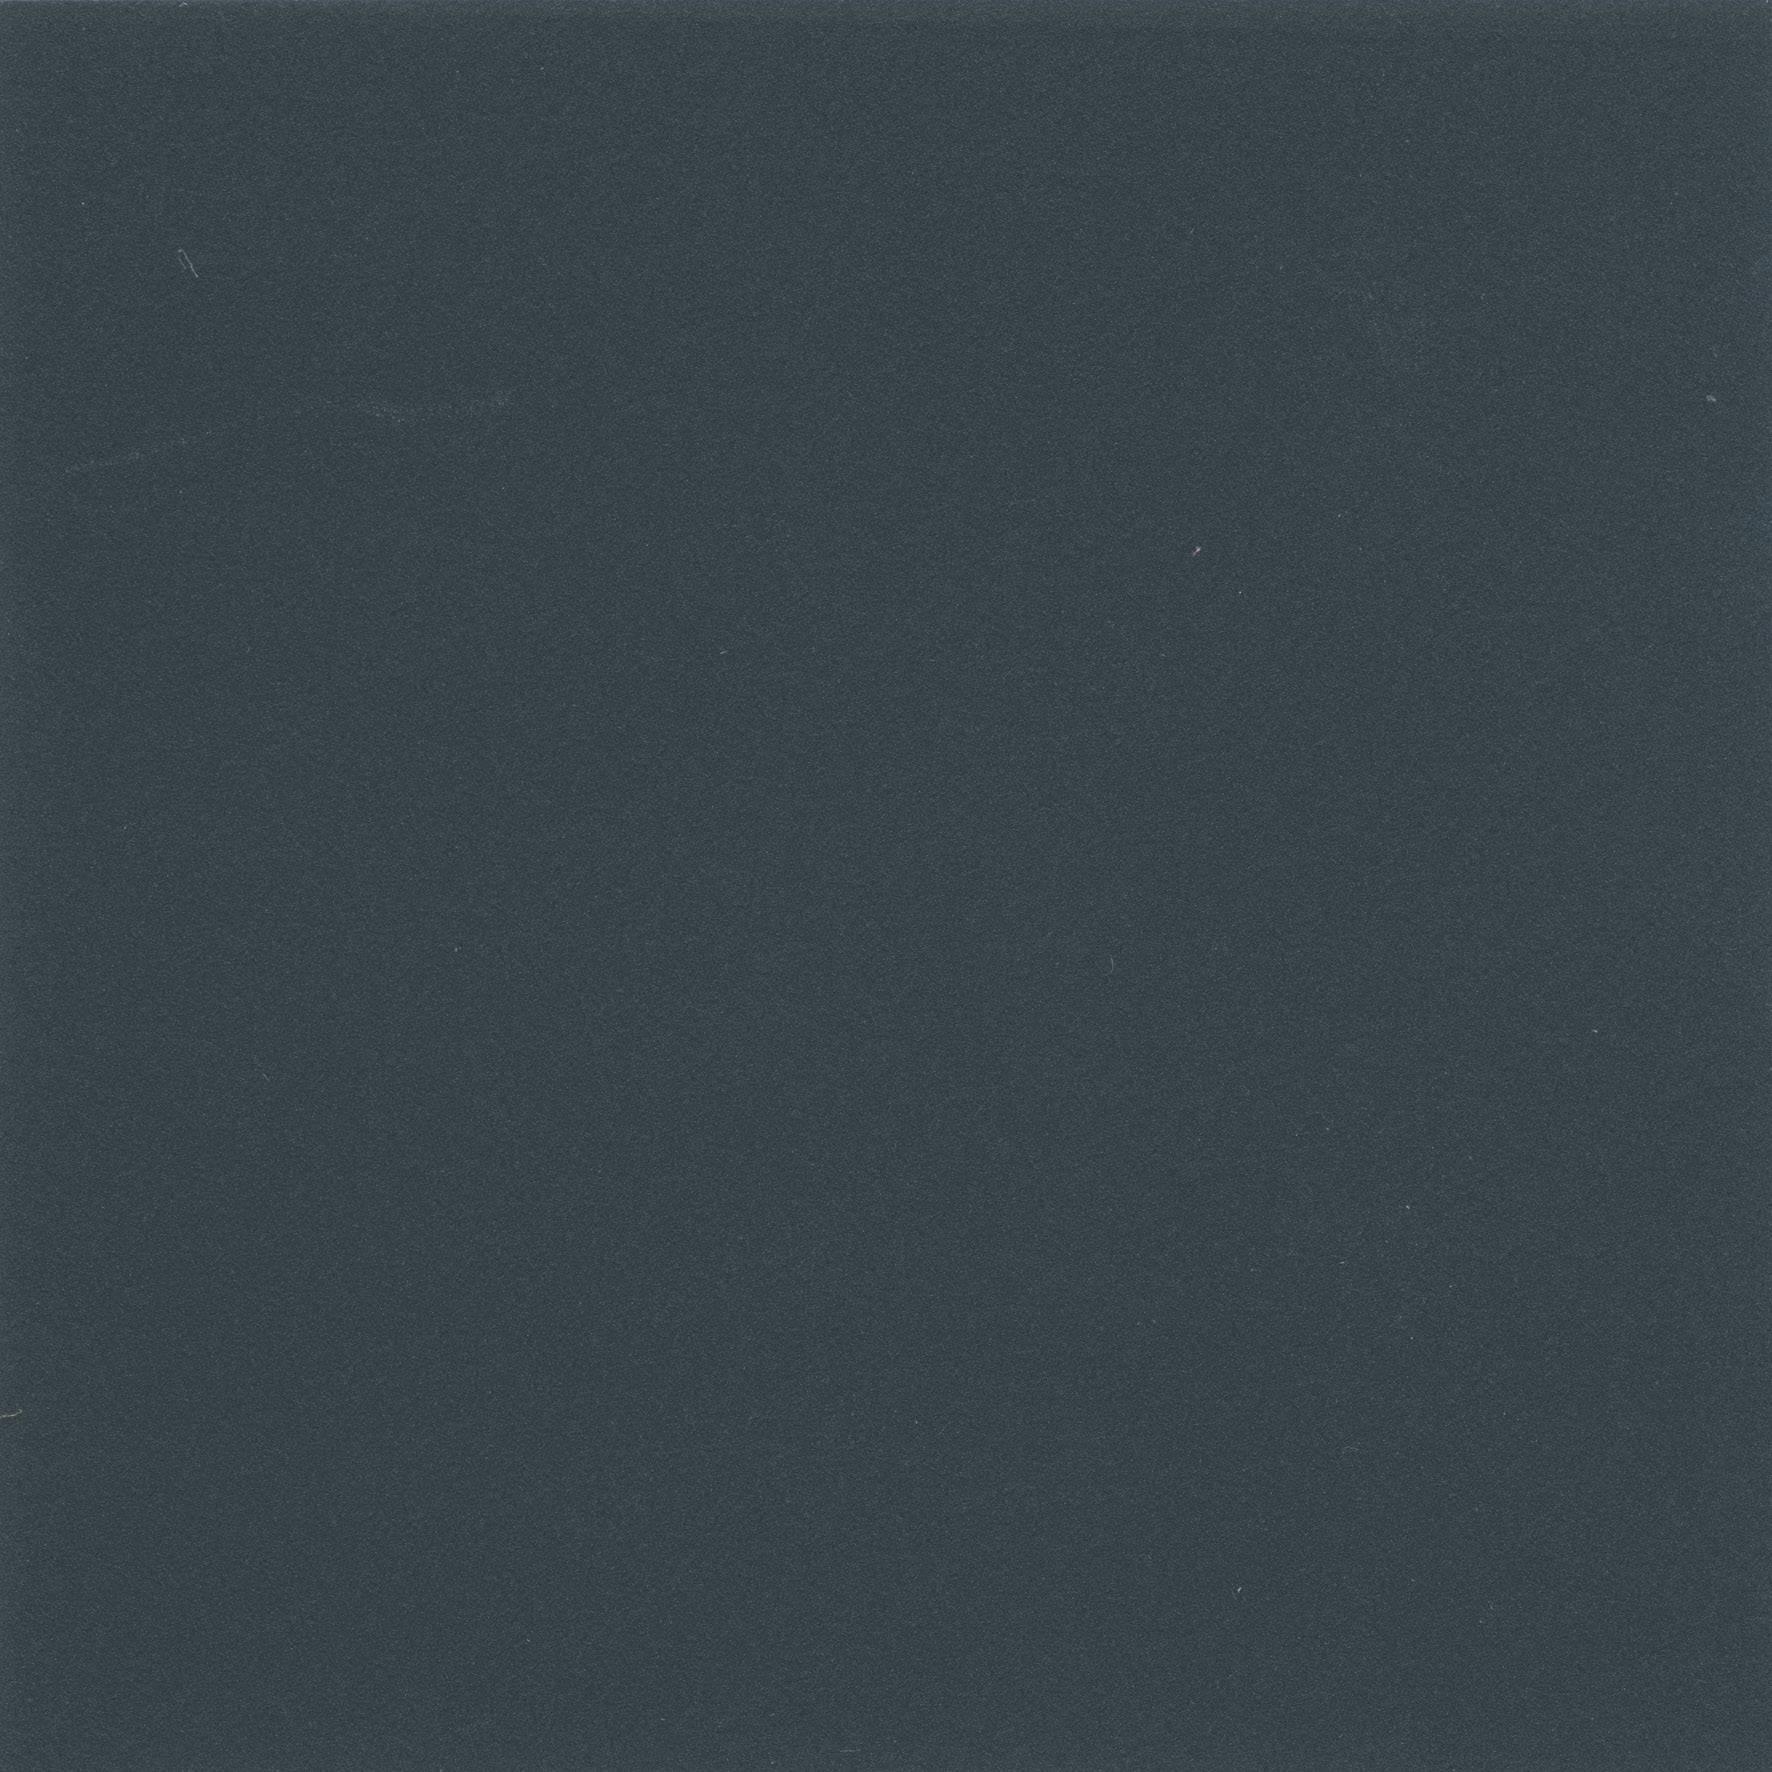 Teplovodivá fólia Kerafol KERATHERM FERRIT FOLIE F96, 0.225 mm, 1 W/mK, (d x š) 100 mm x 100 mm